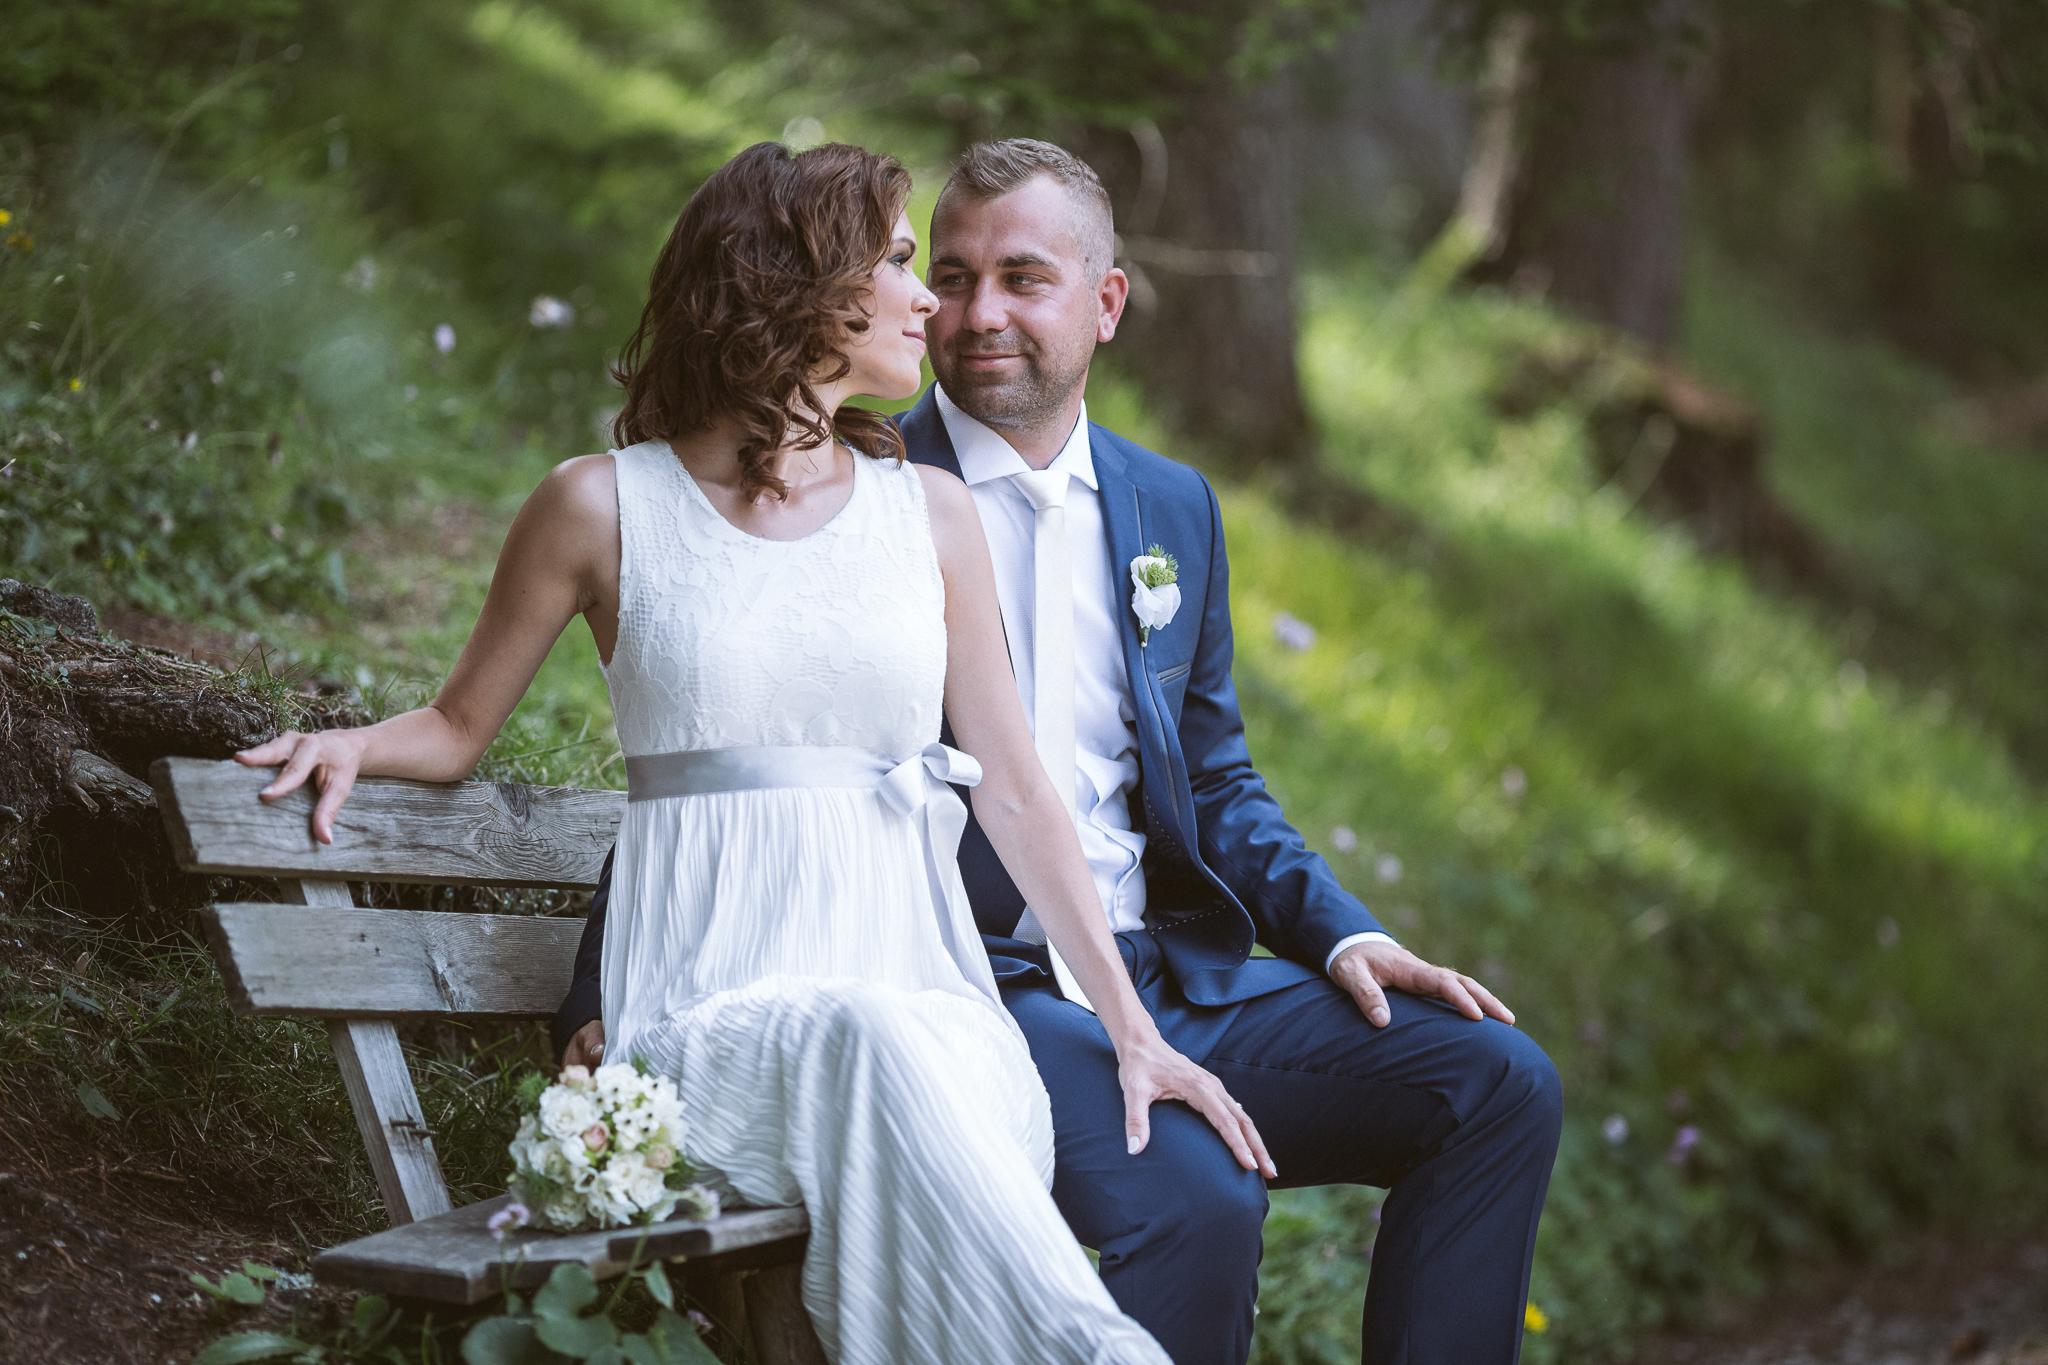 FylepPhoto, esküvőfotózás, magyarország, esküvői fotós, vasmegye, prémium, jegyesfotózás, Fülöp Péter, körmend, kreatív, grüner see_33.jpg